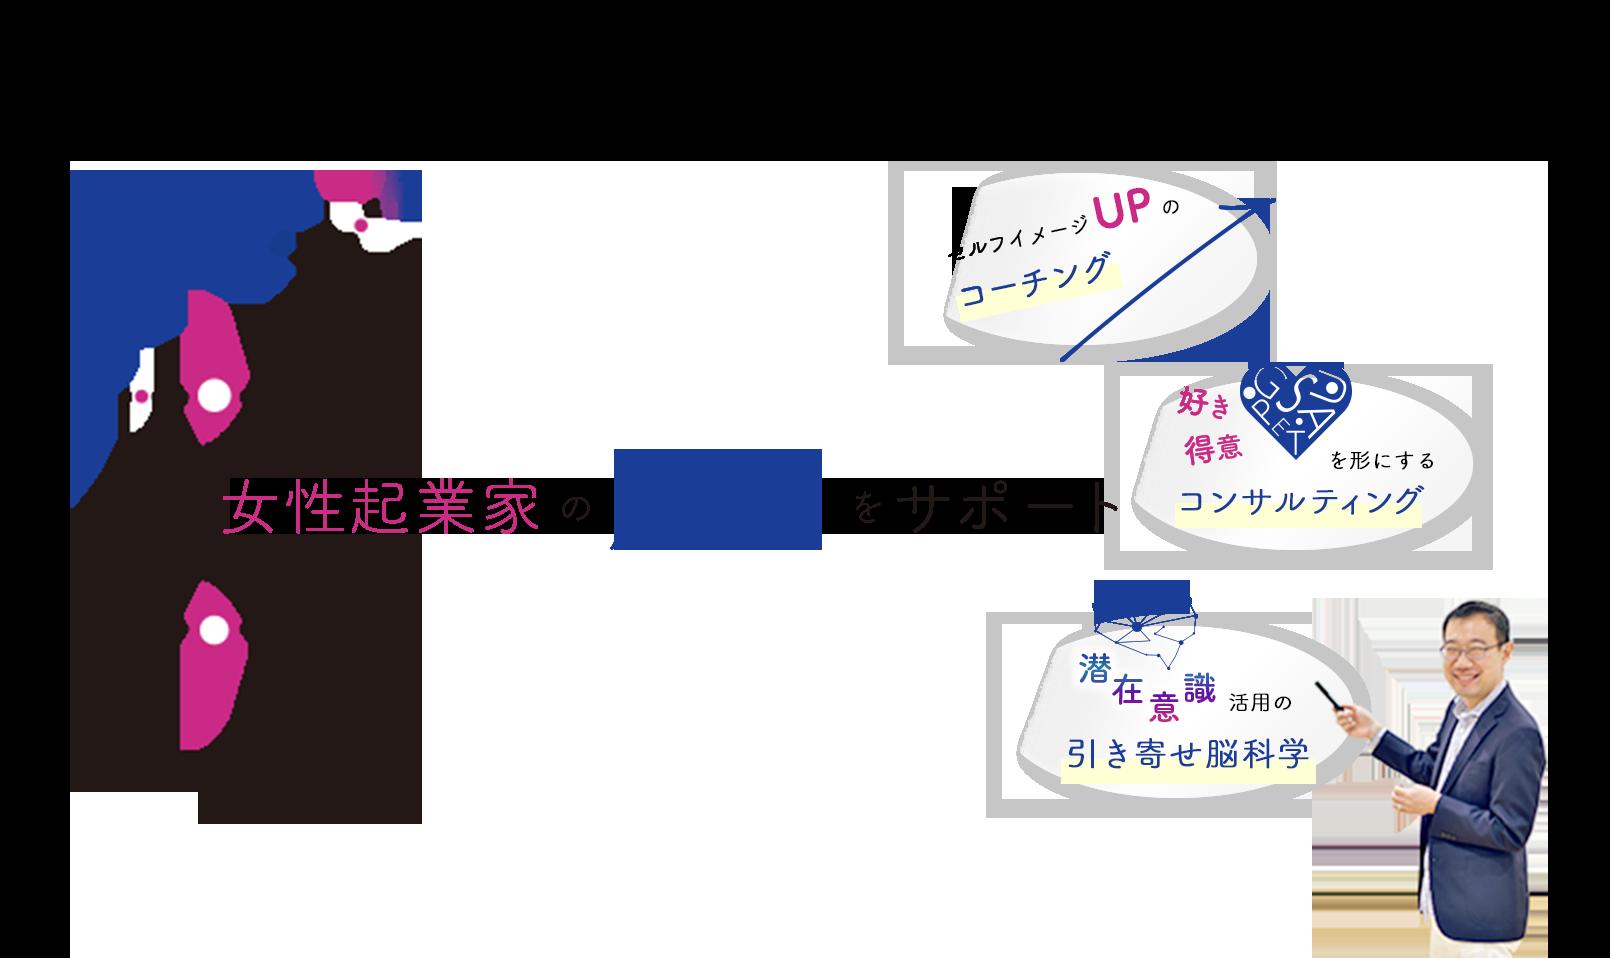 株式会社STAGE UP 川田 治